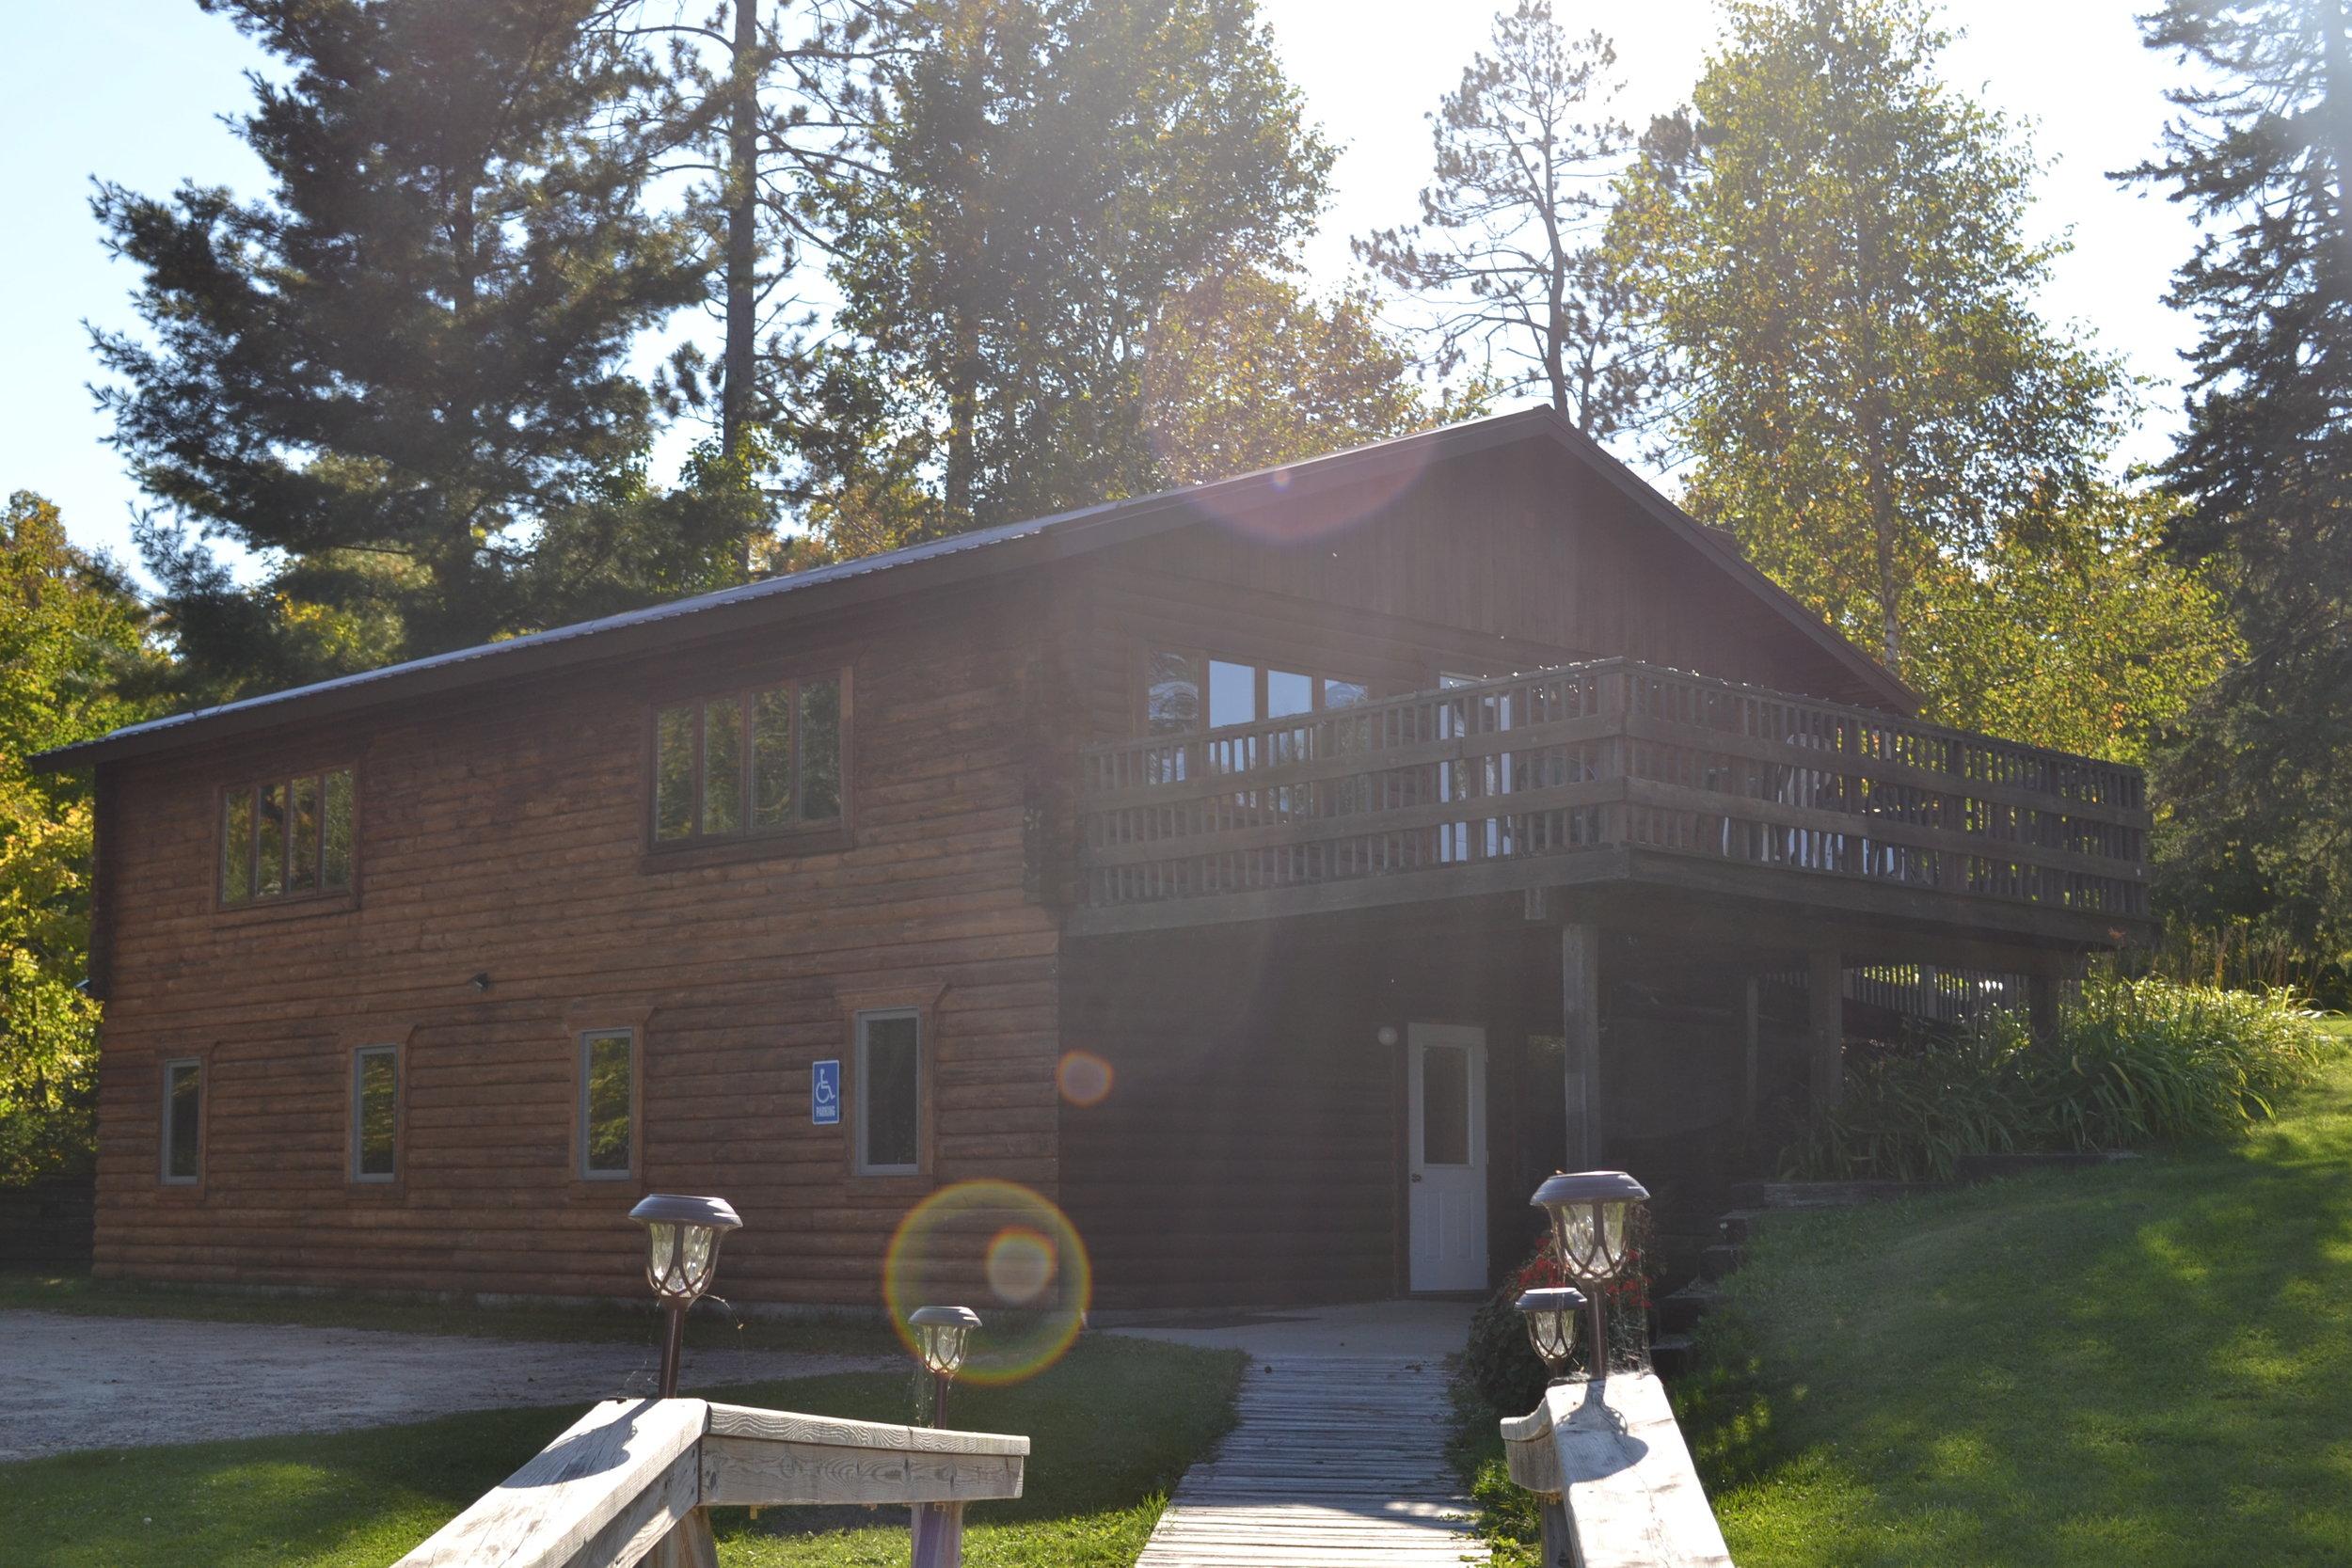 exterior of retreat center